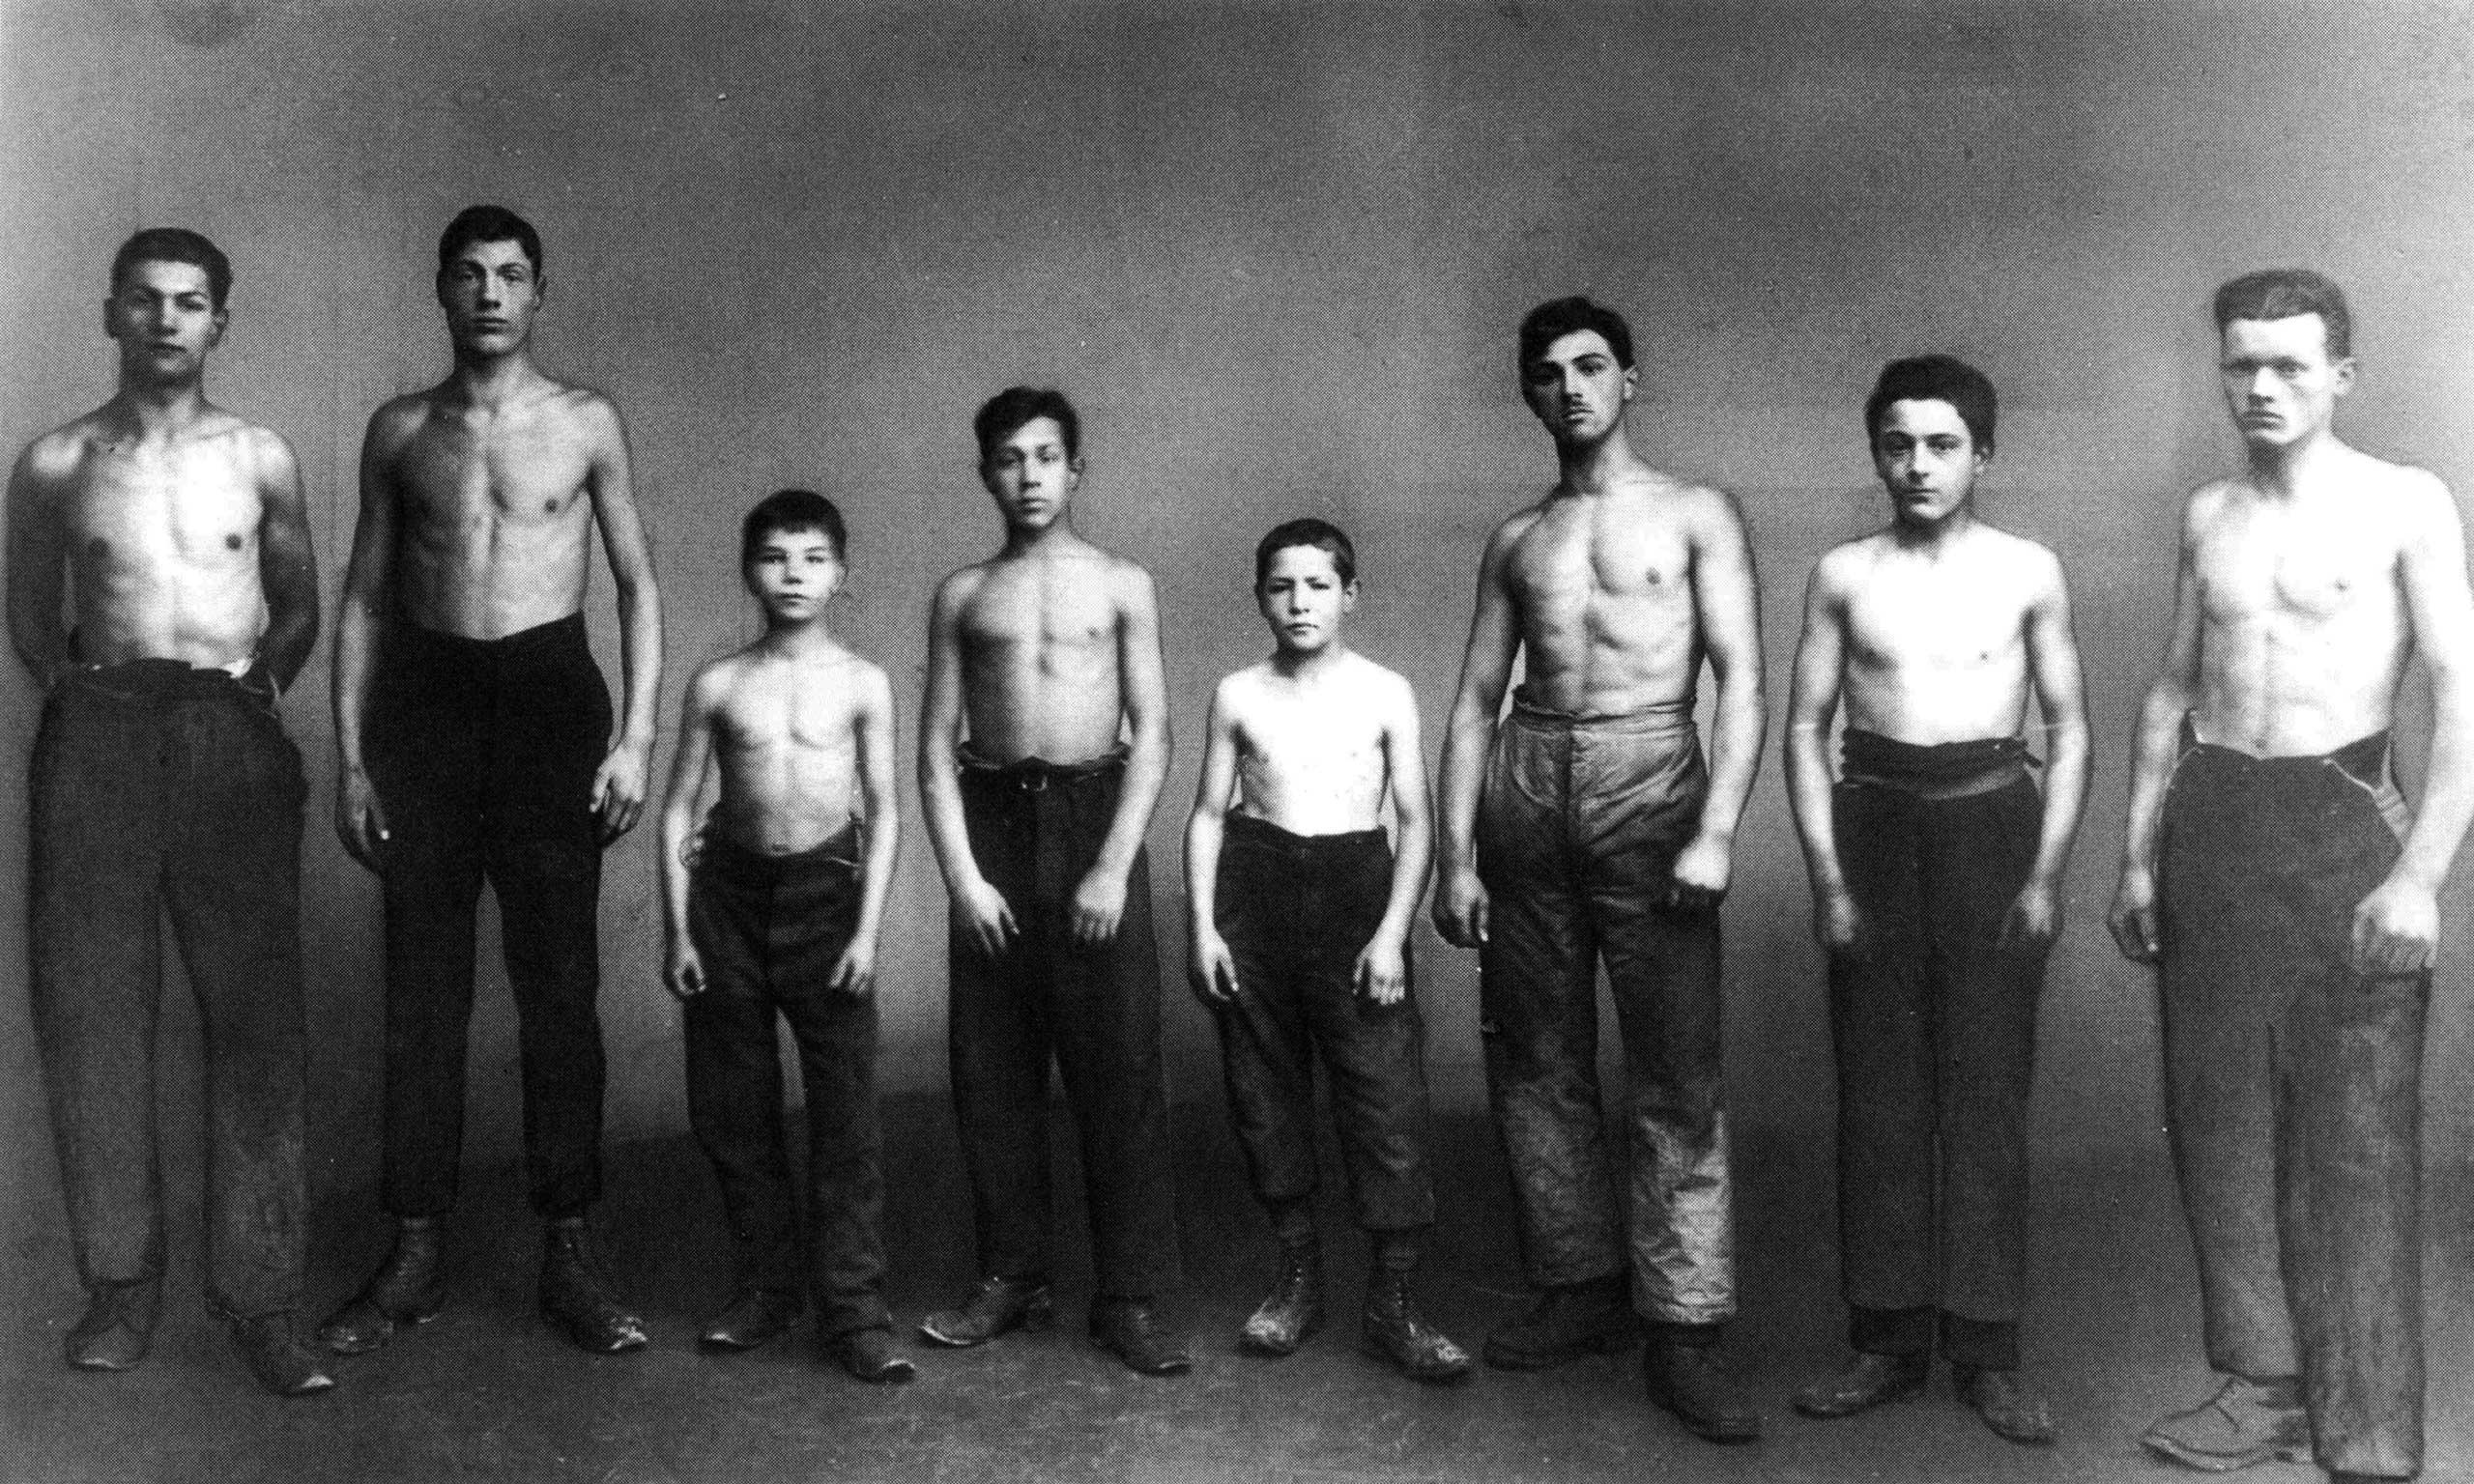 Lehrlinge bei der Körperuntersuchung, um 1930. © Sulzer